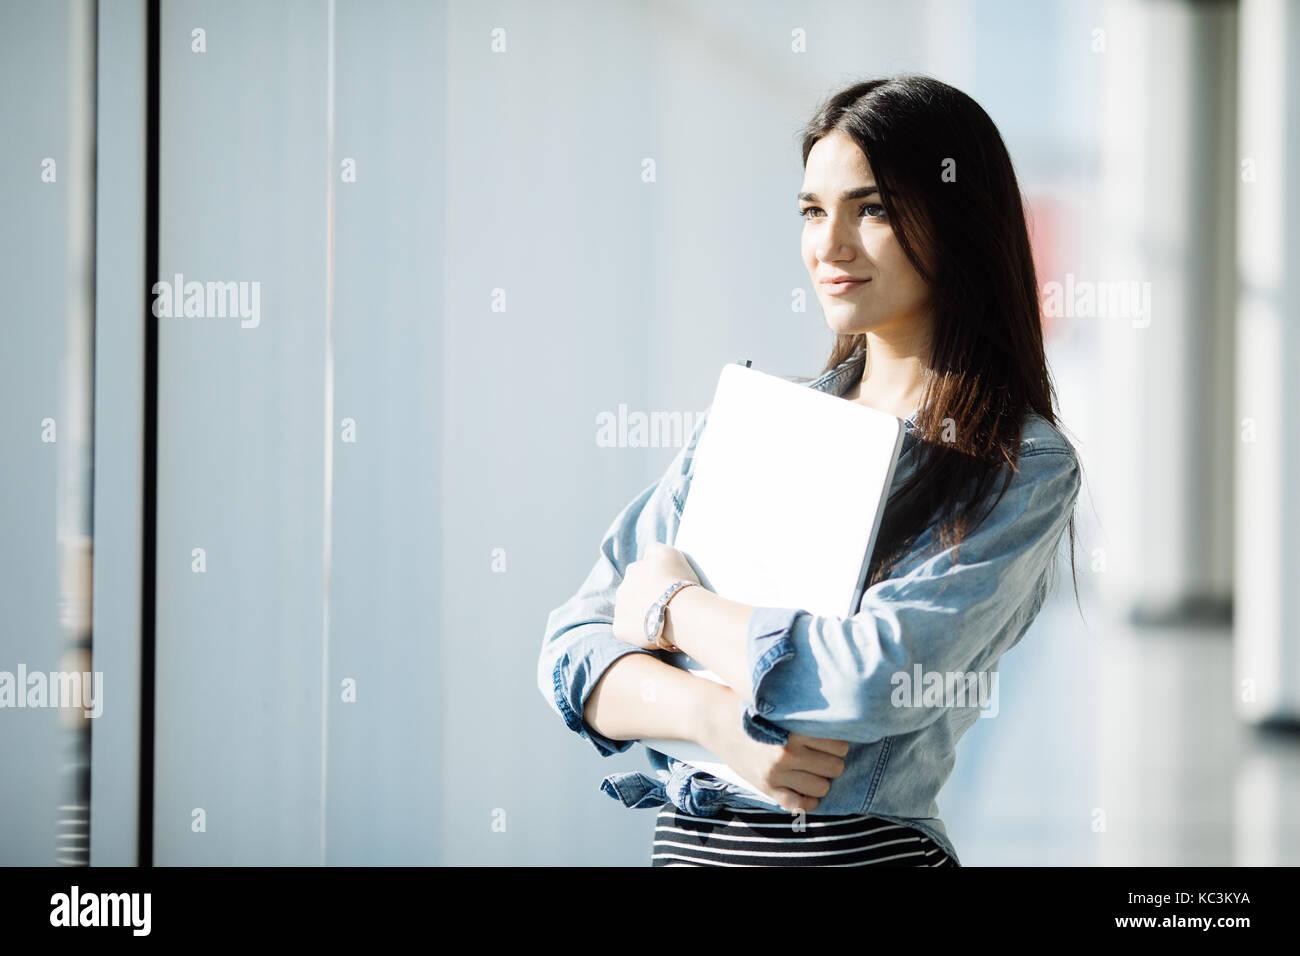 Female office worker réussie avec net-book est debout dans l'édifice, catégorie gratte-ciel intérieur Photo Stock